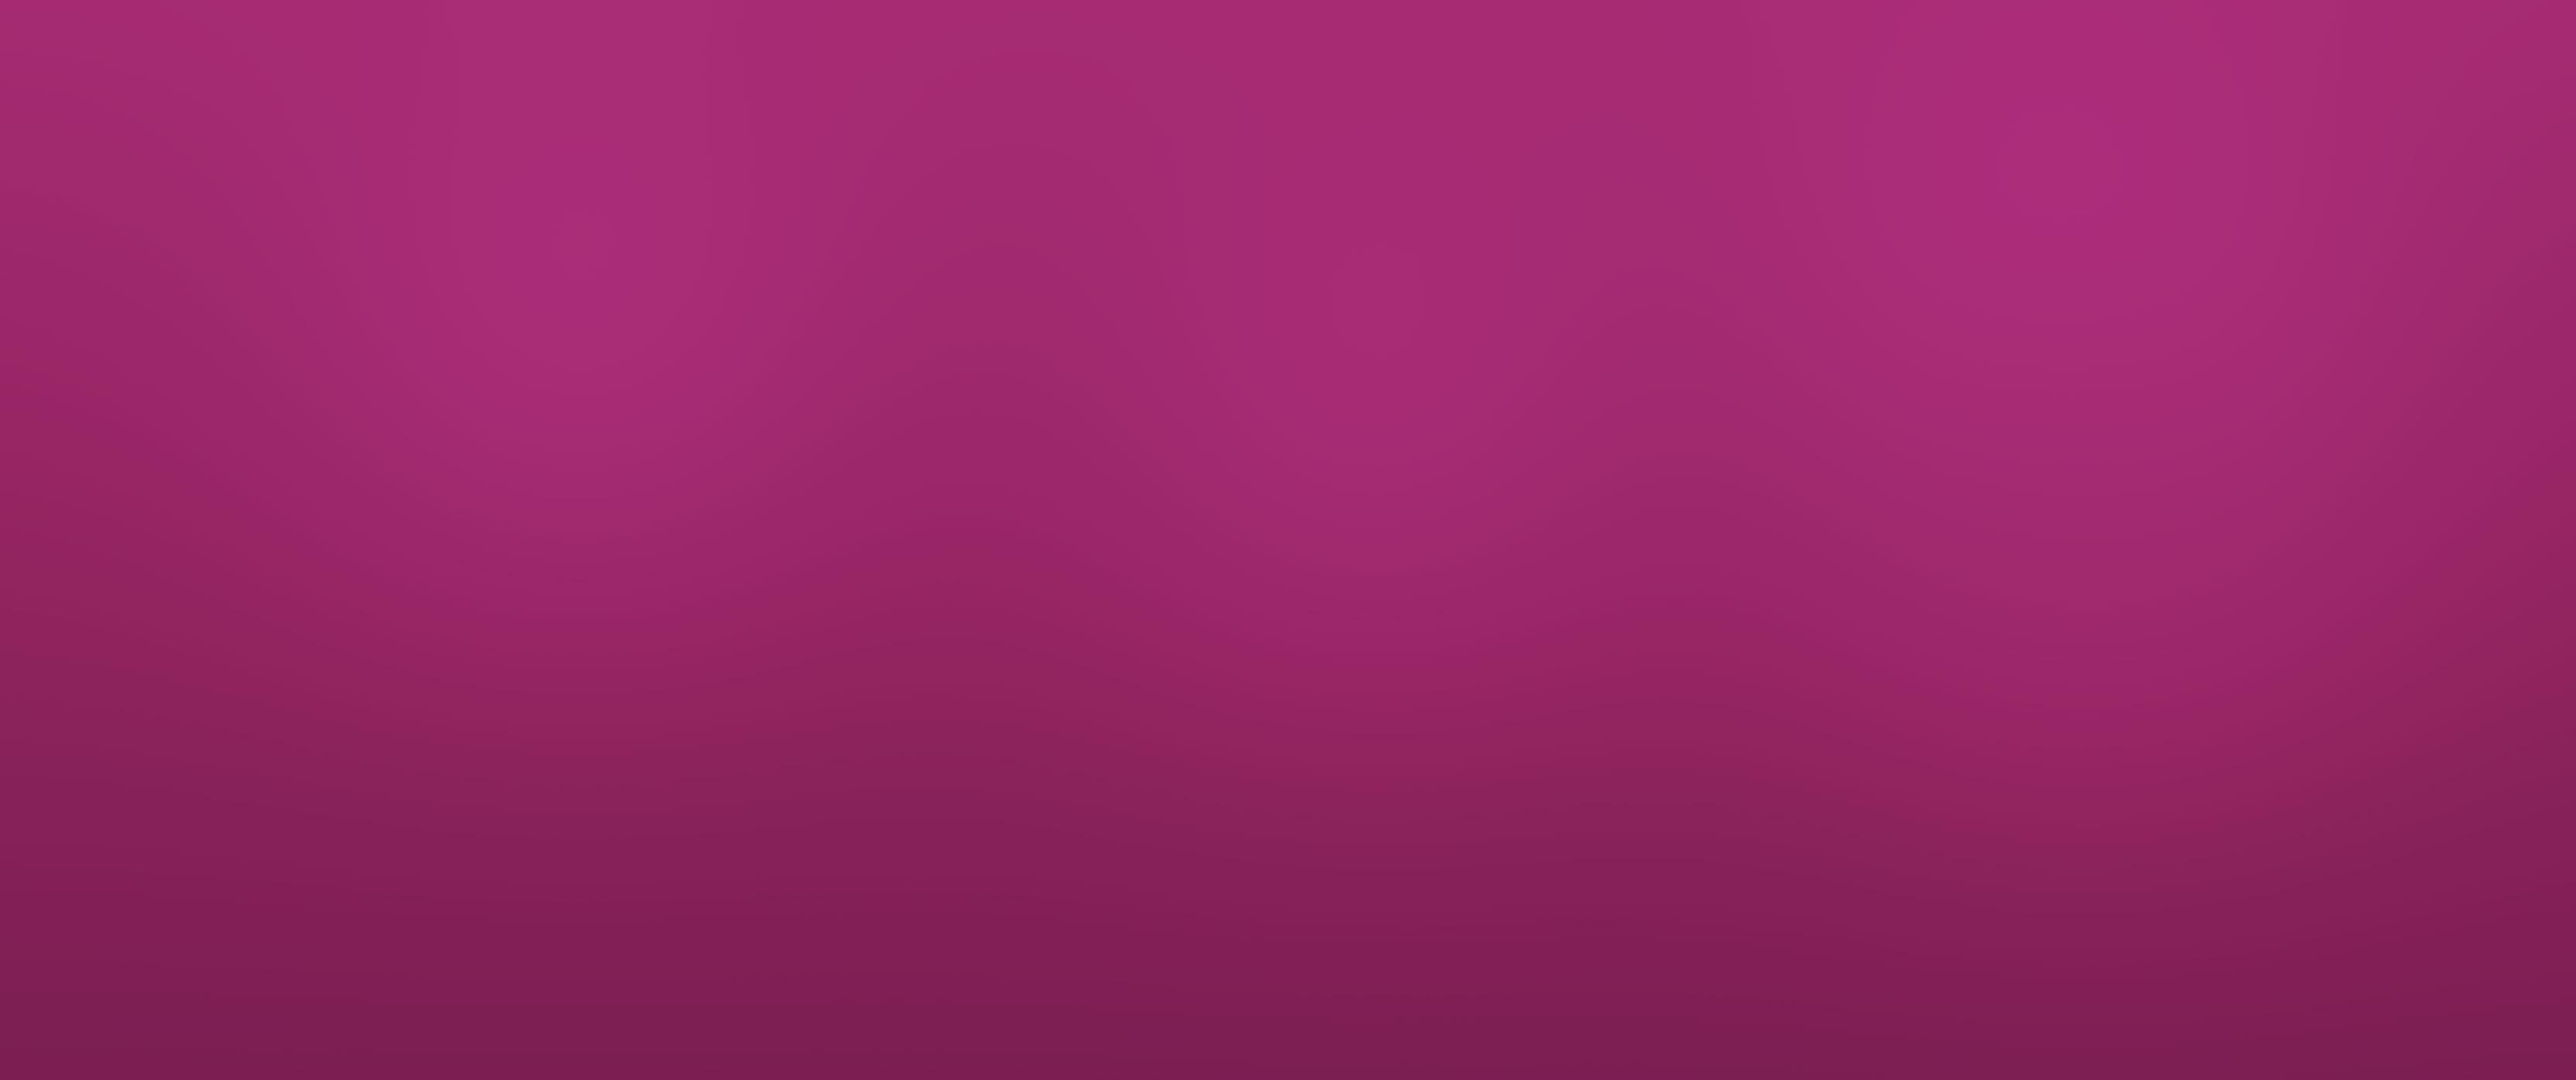 Pug_Homepage_PurpleBg